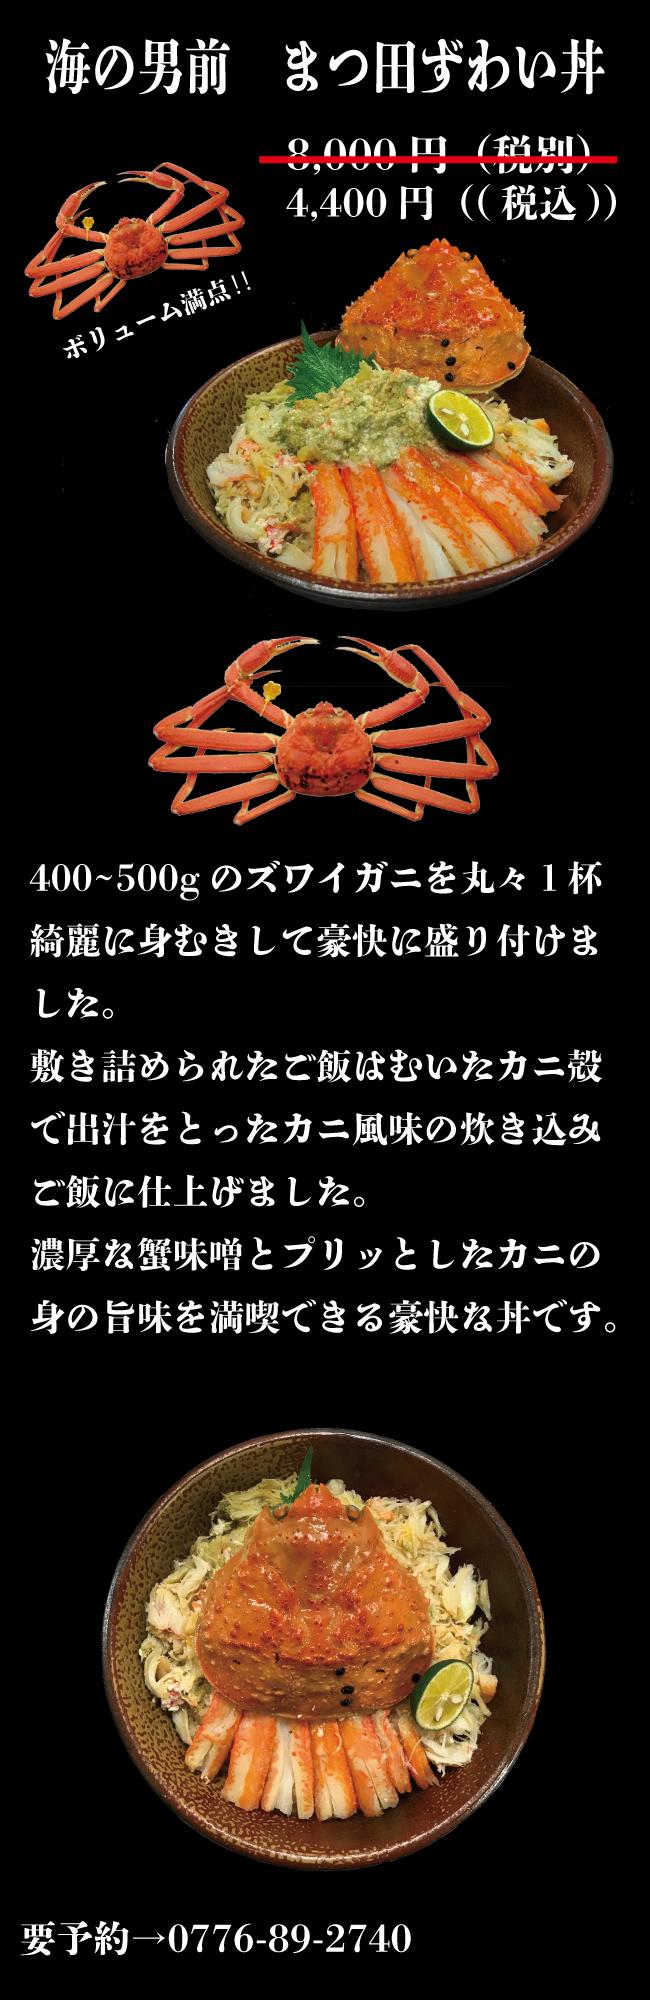 ずわい丼ランディングページ4,400円円訂正版.jpg